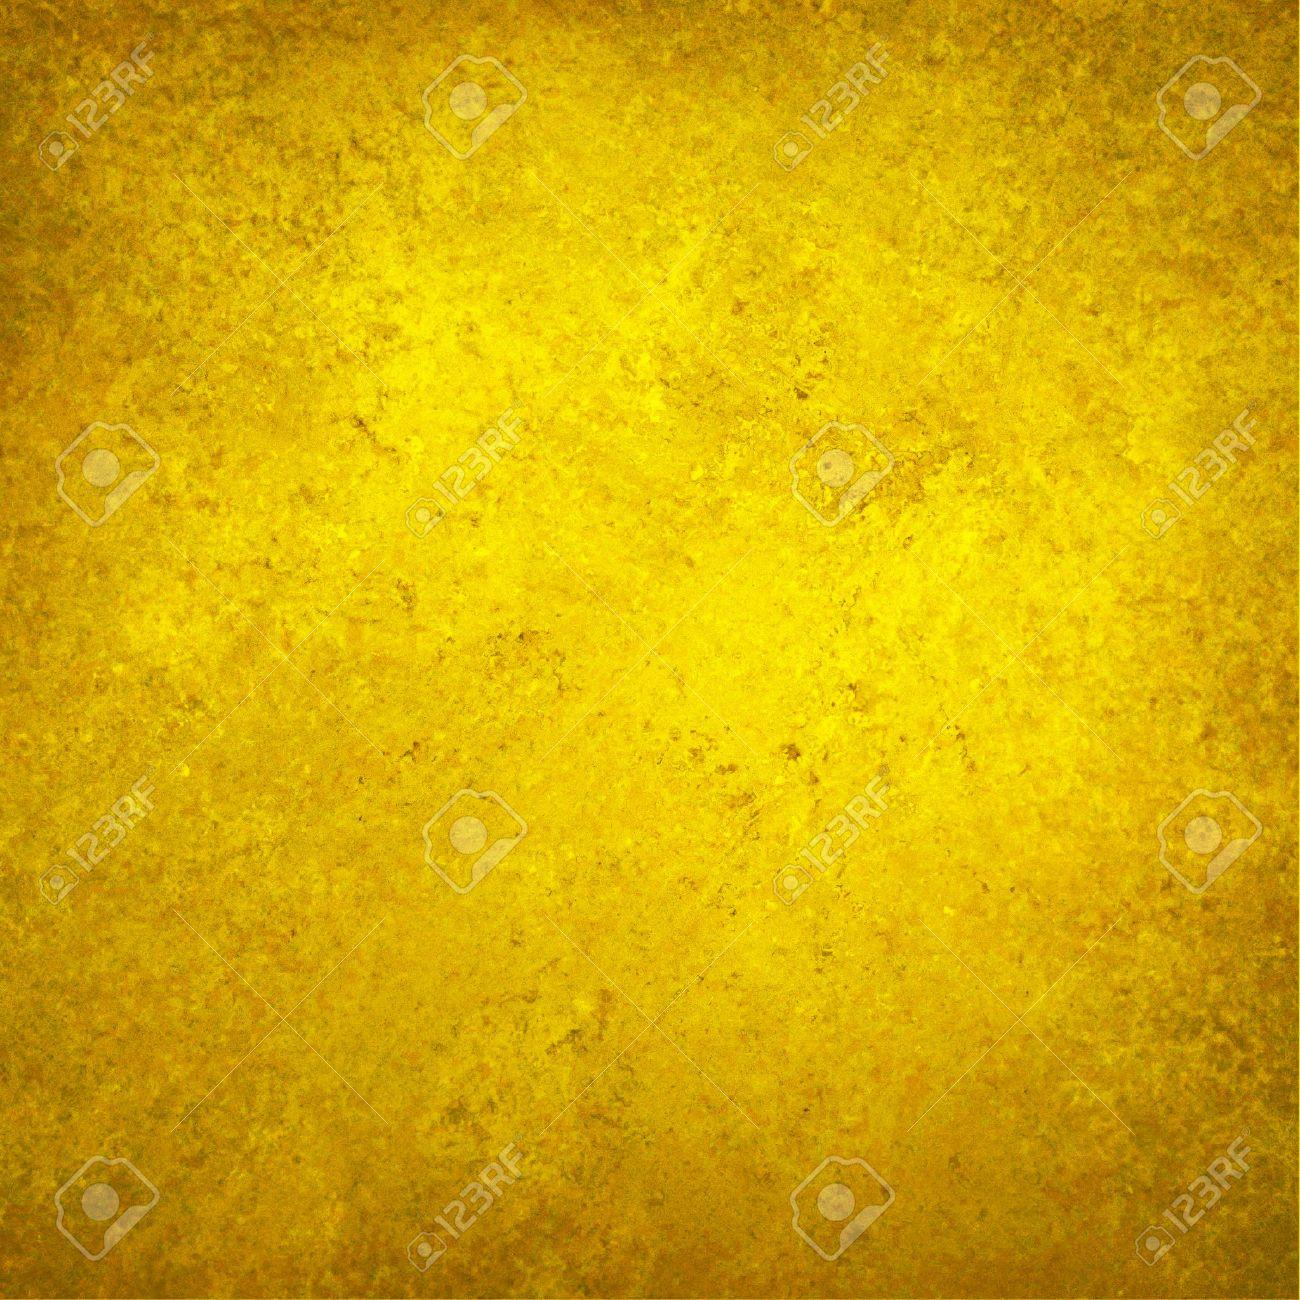 fond jaune or avec la texture et faible frontiere vignette luxueux solide mur de fond d or